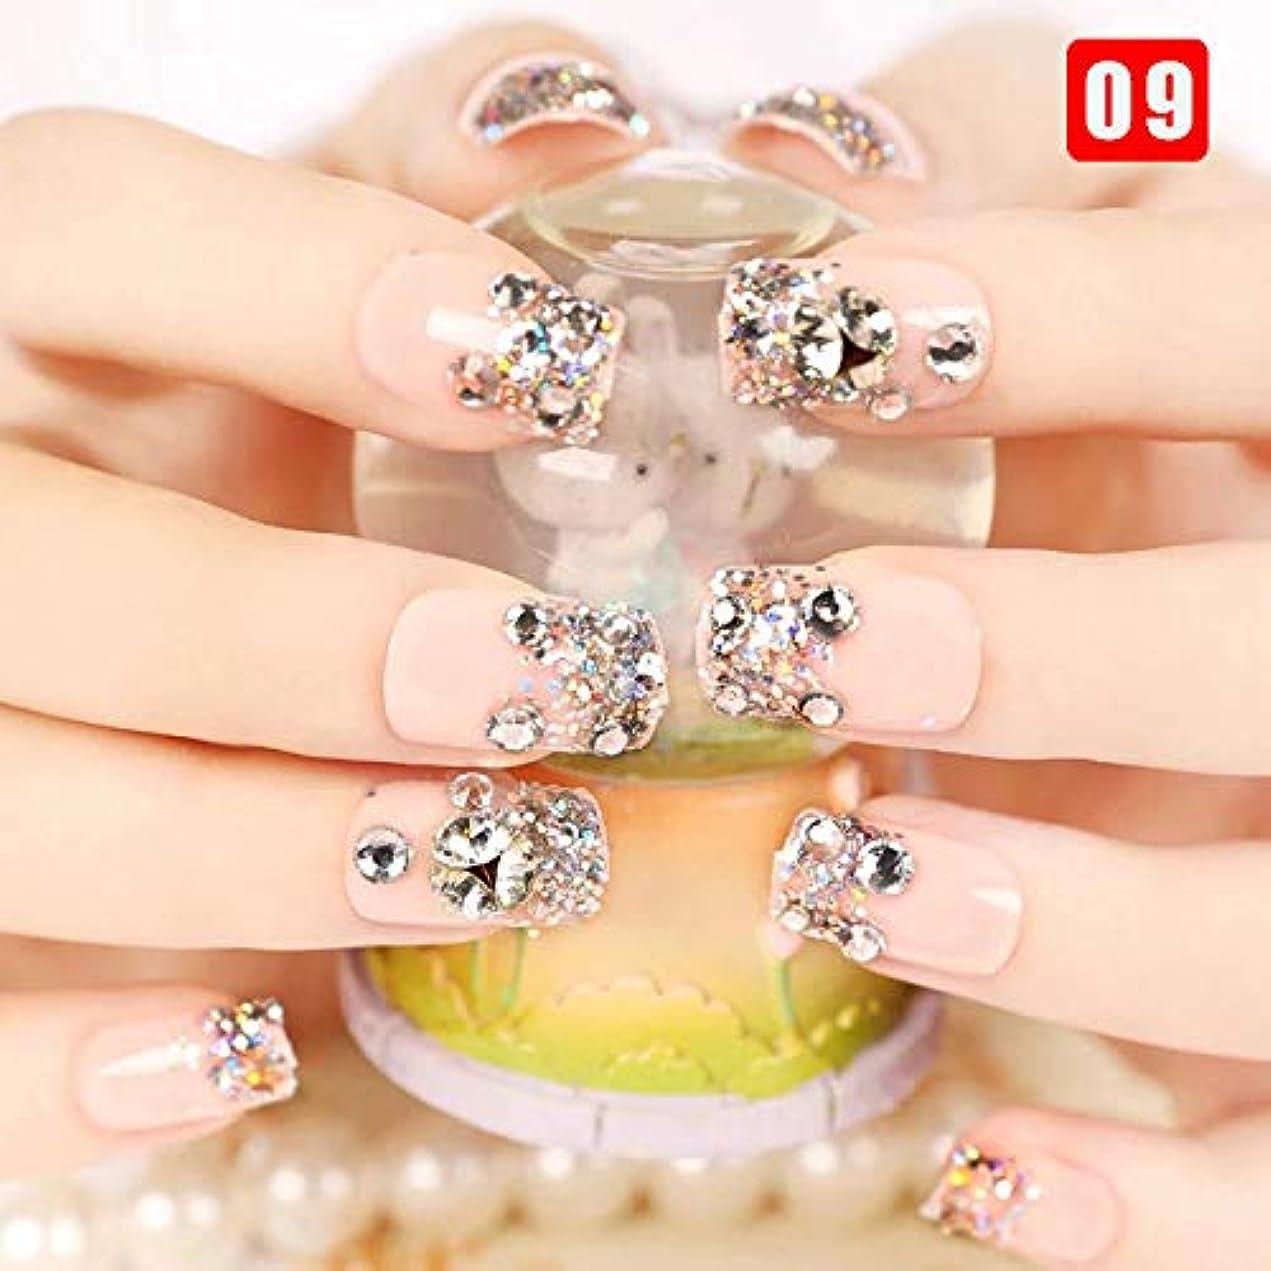 正確比較起業家Symboat 24本の女性の偽の爪透明な花のビーズの装飾DIYの花嫁の偽の爪